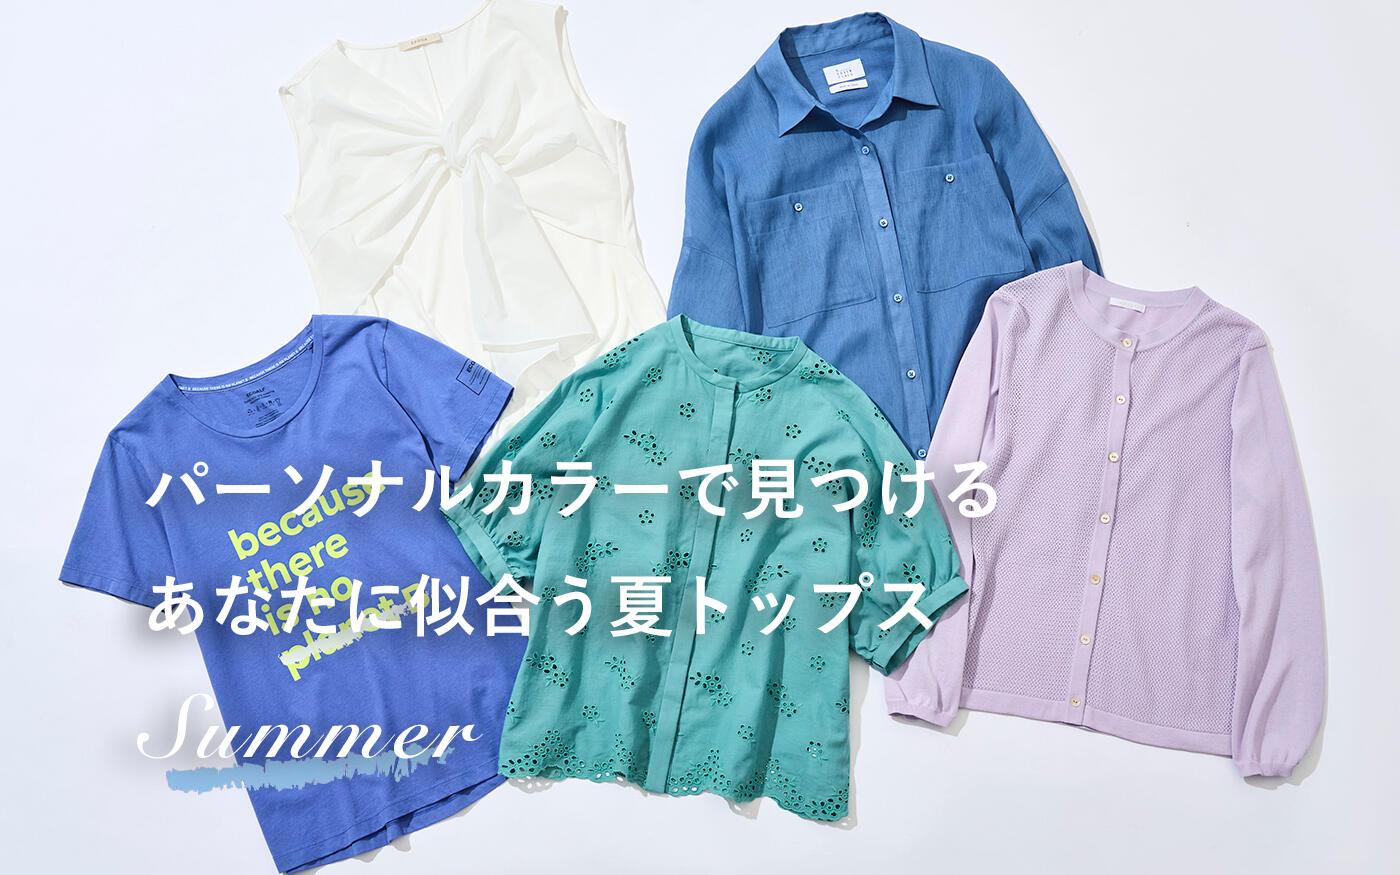 【SUMMER】パーソナルカラーから見つける!あなたに本当に似合うトップス&アウター